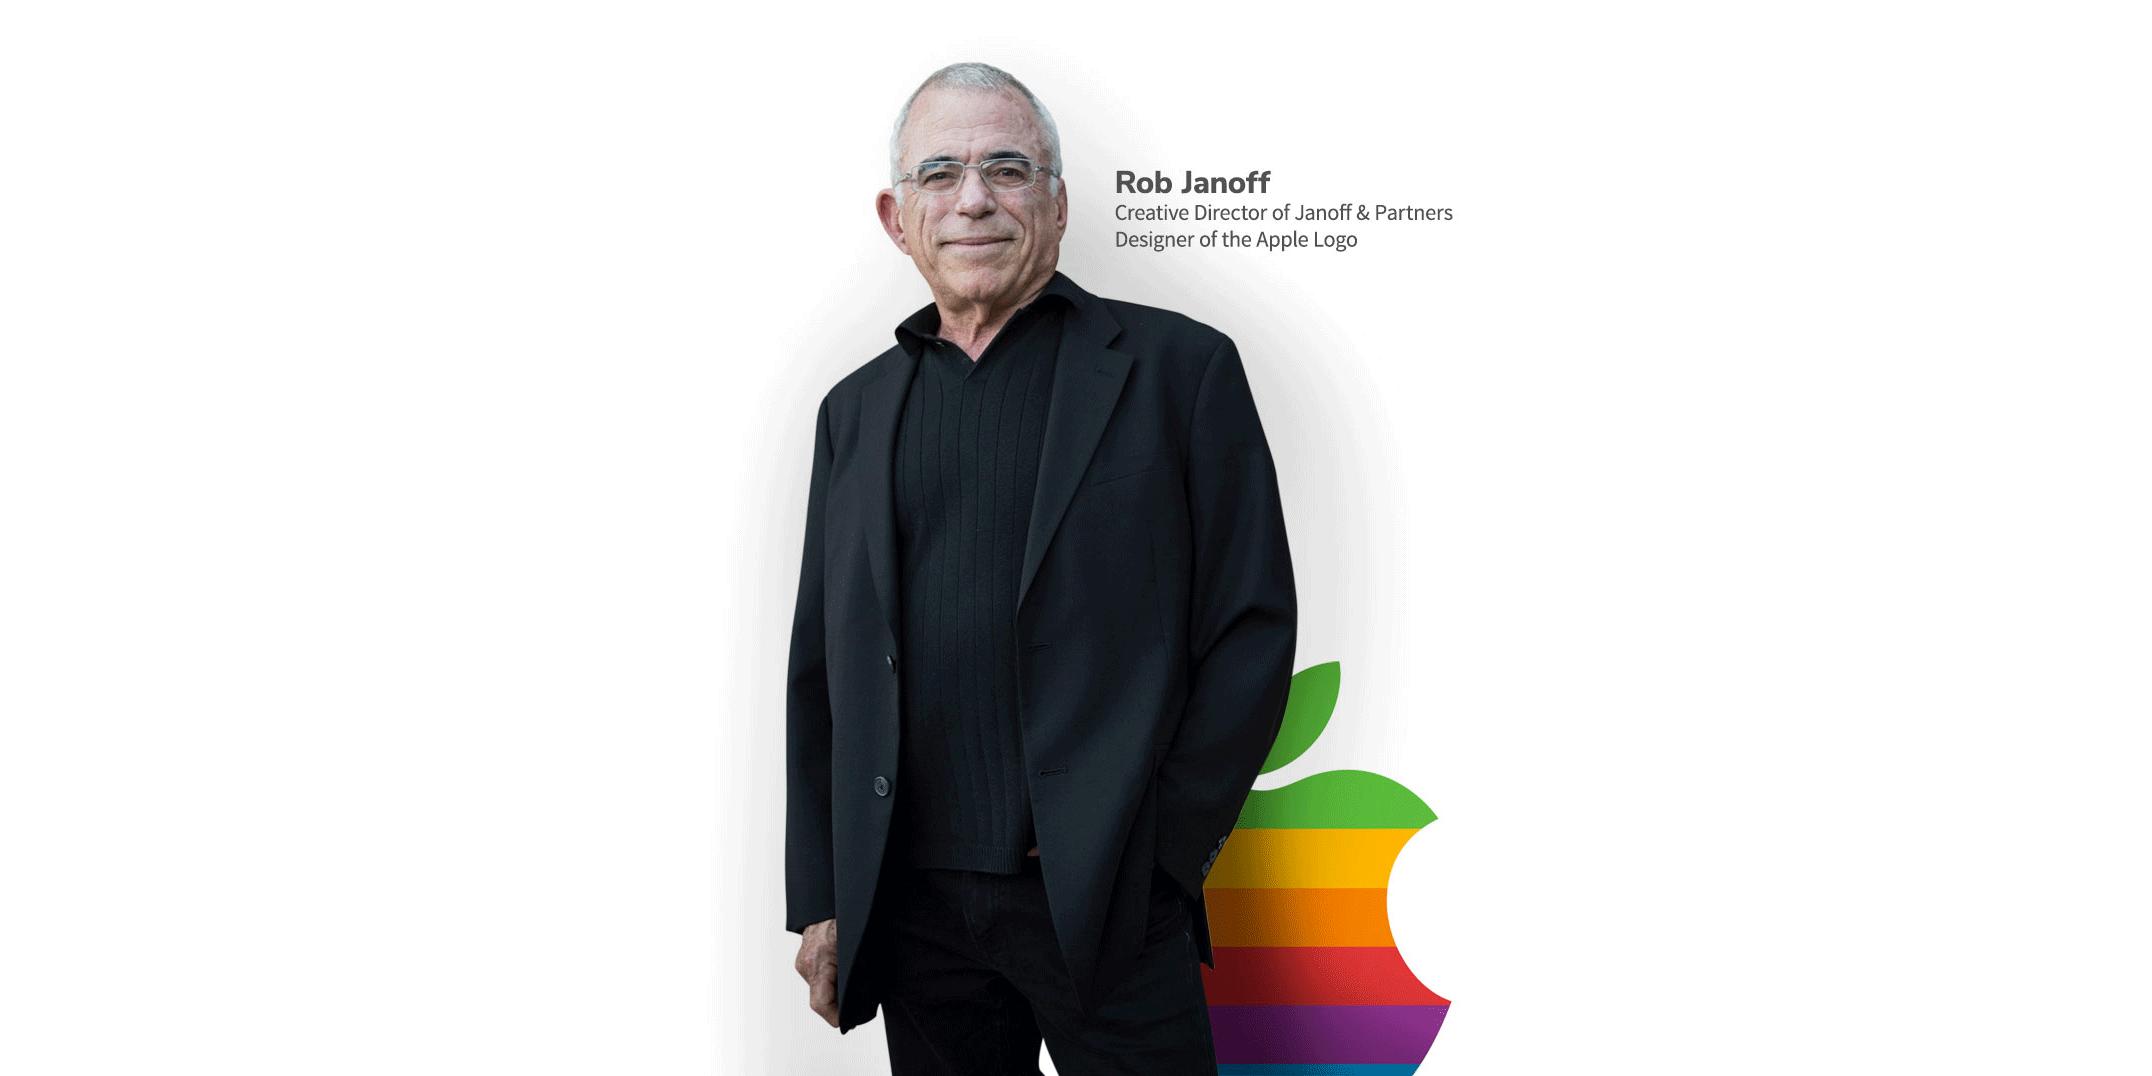 راب جانوف طراح لوگو مشهور اپل